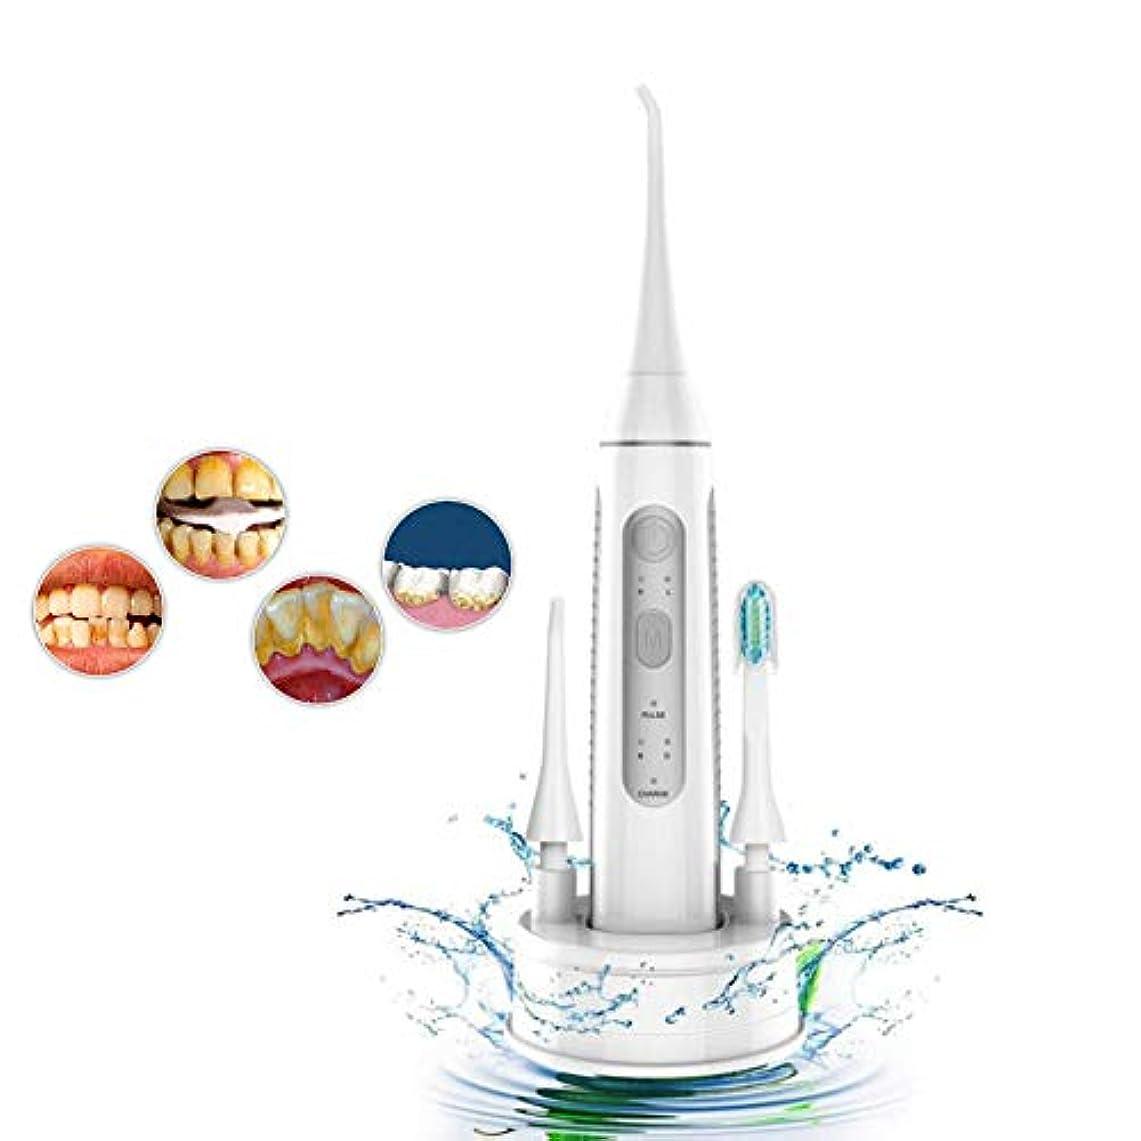 サスペンション振り返る人道的超音波電動歯サーファー、2 in 1口腔ケア歯磨き粉機器ホームポータブルウォーターフロス歯のクリーニング機3モード大人と子供に適して,Gray